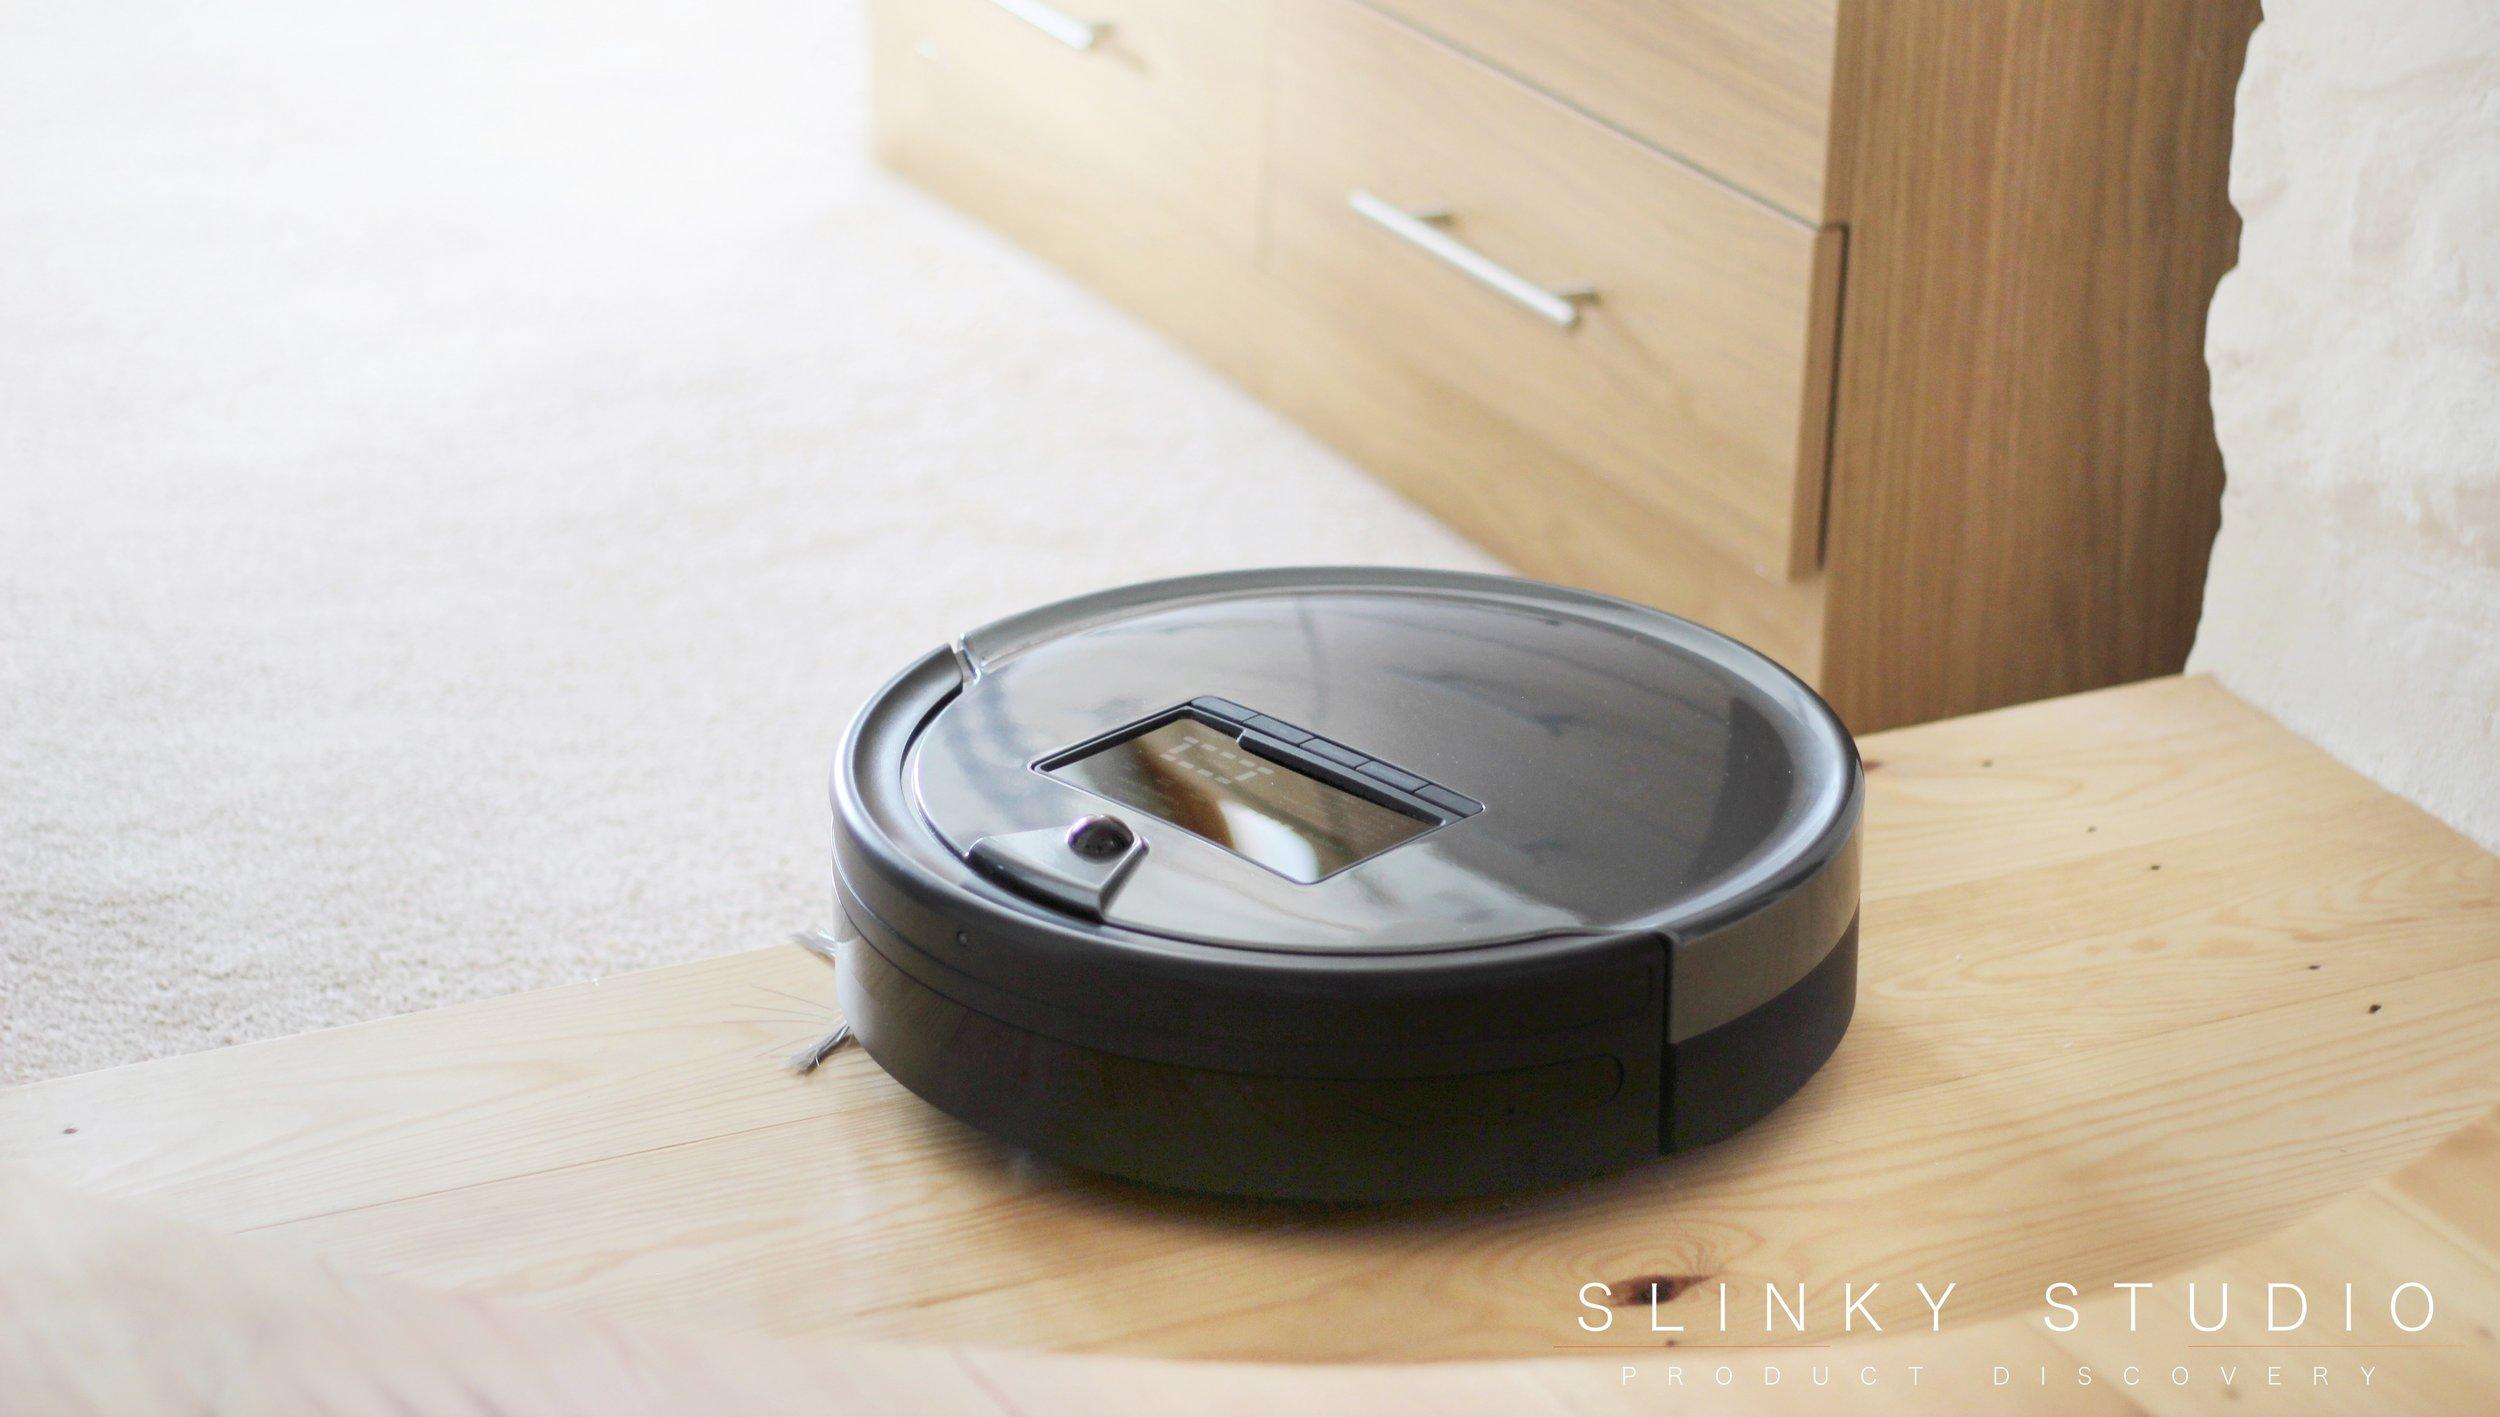 bObsweep PetHair Plus Robot Vacuum Cleaner.jpg